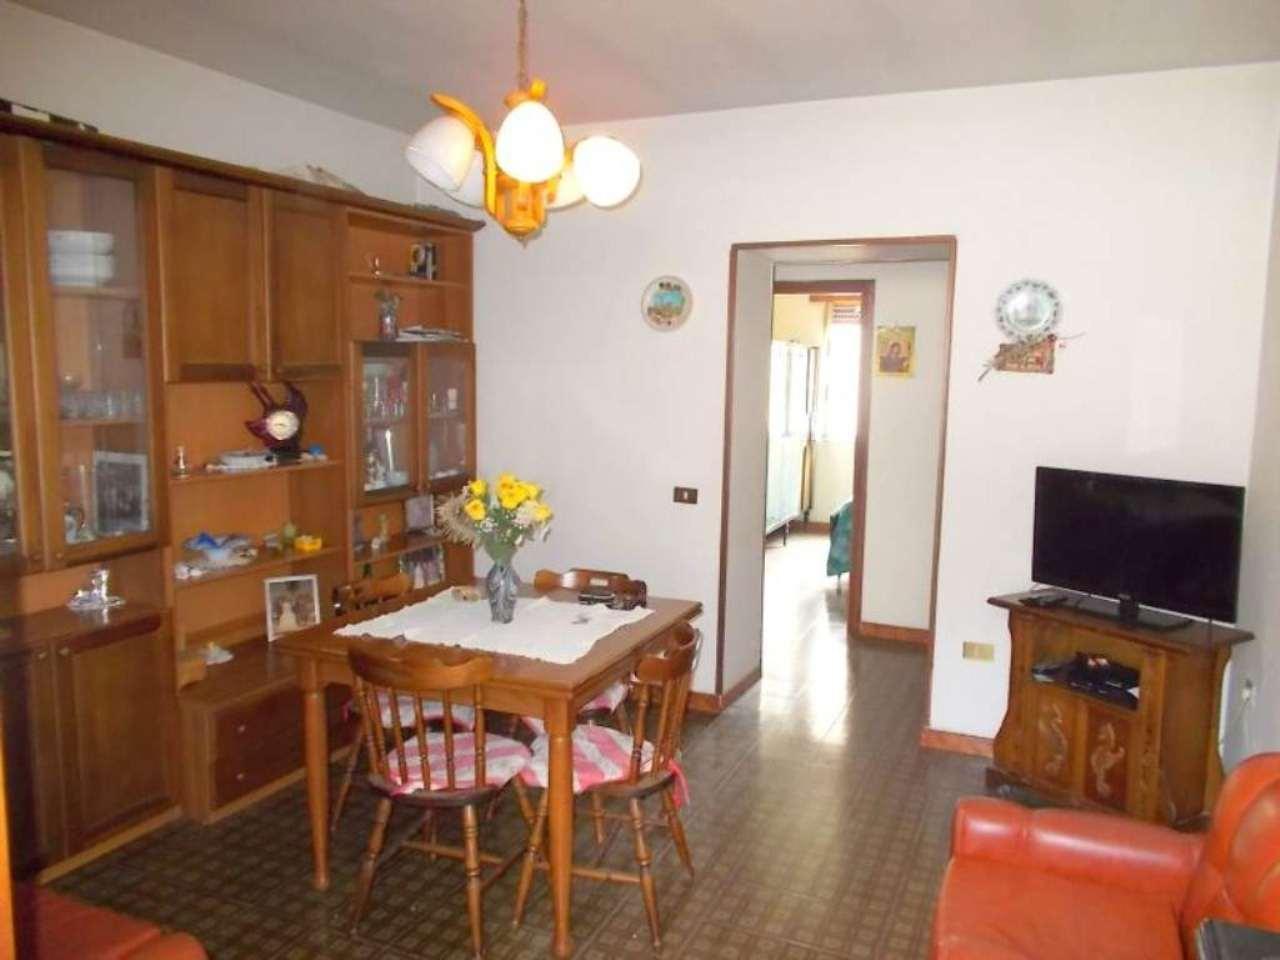 Soluzione Indipendente in vendita a Santa Maria a Vico, 6 locali, prezzo € 65.000 | Cambio Casa.it